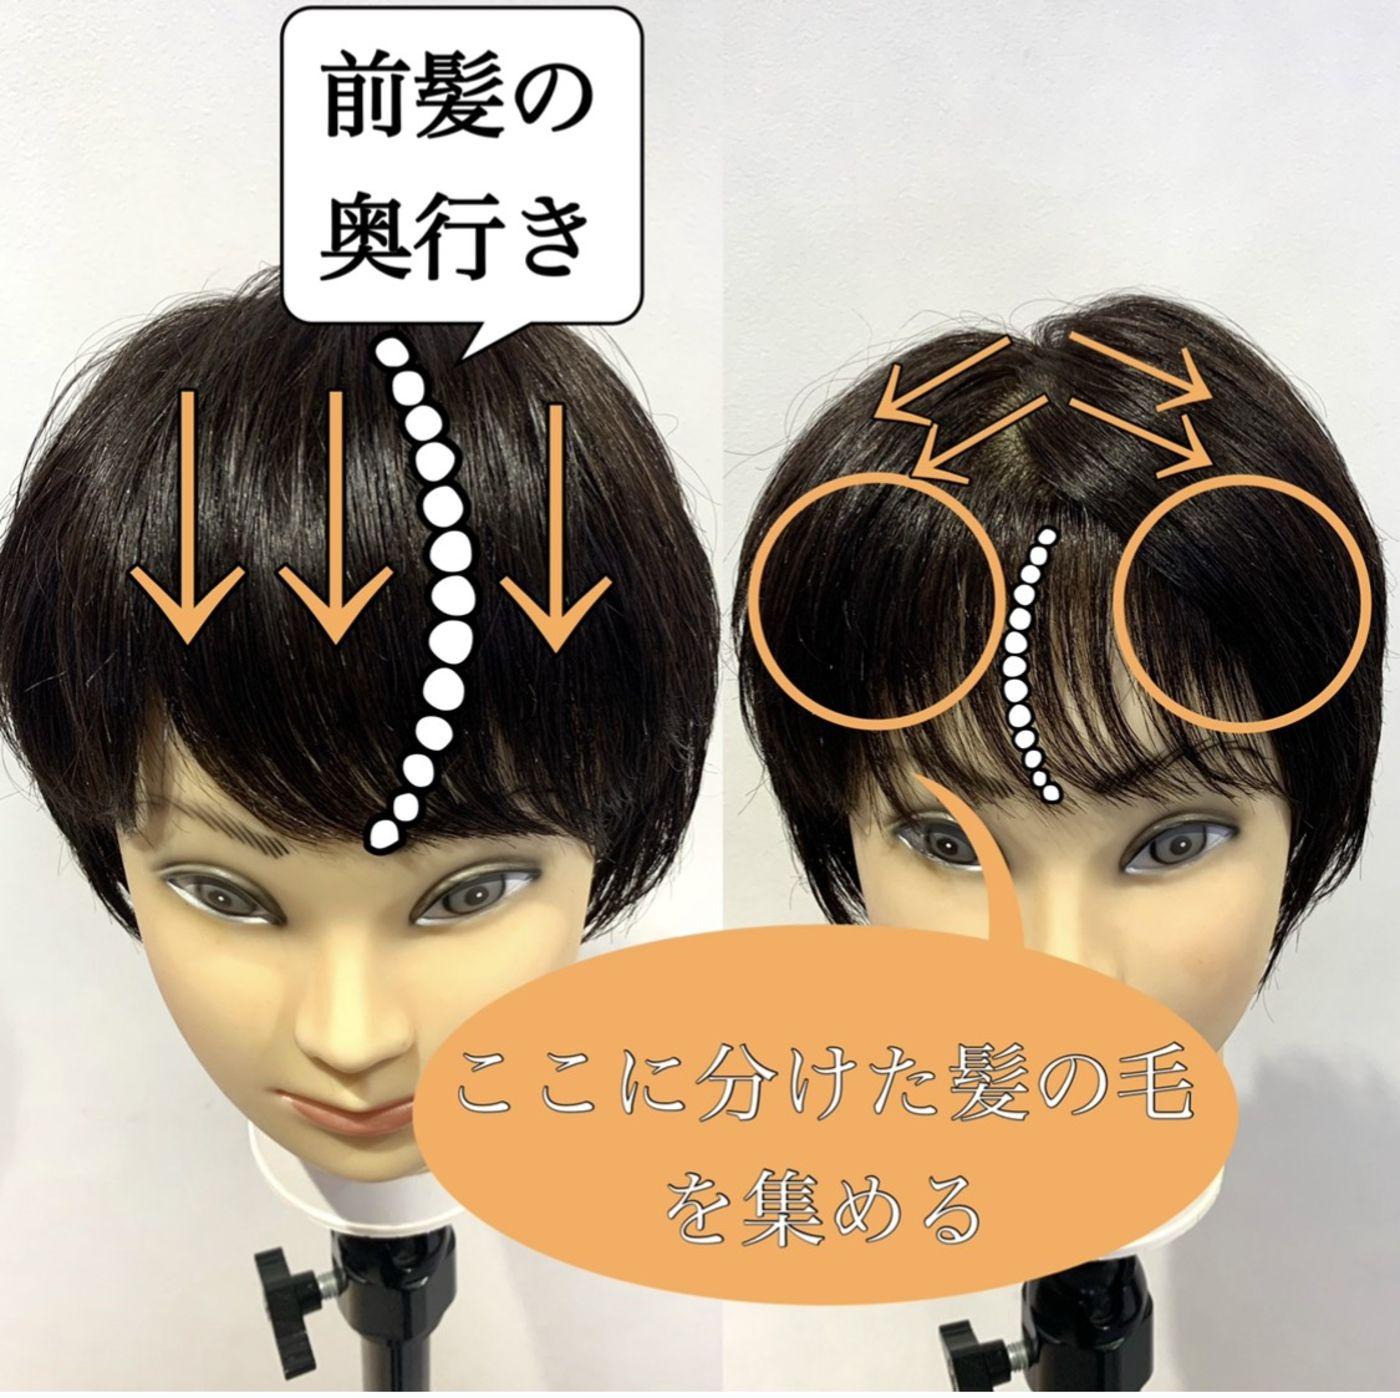 重た目の前髪でも薄めの前髪にする方法★